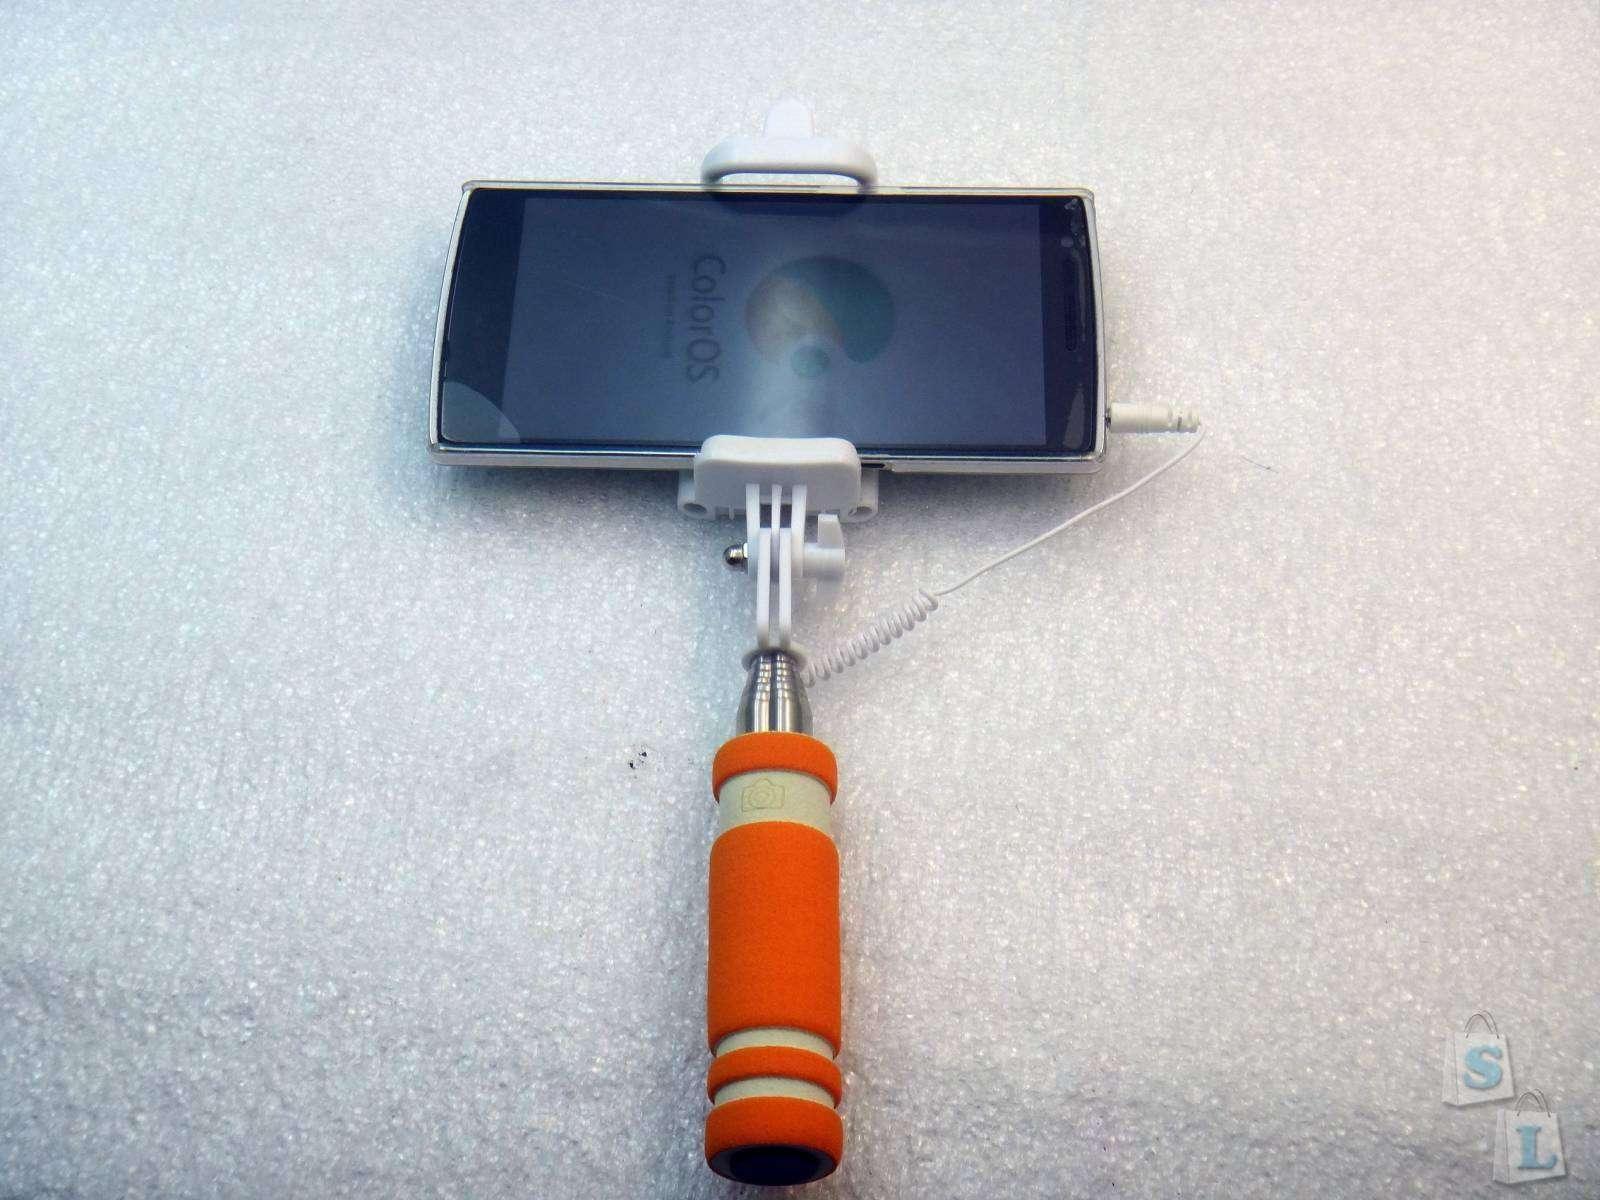 Aliexpress: Микро палка для селфи монопод с кнопкой для съемки под 3,5 jack